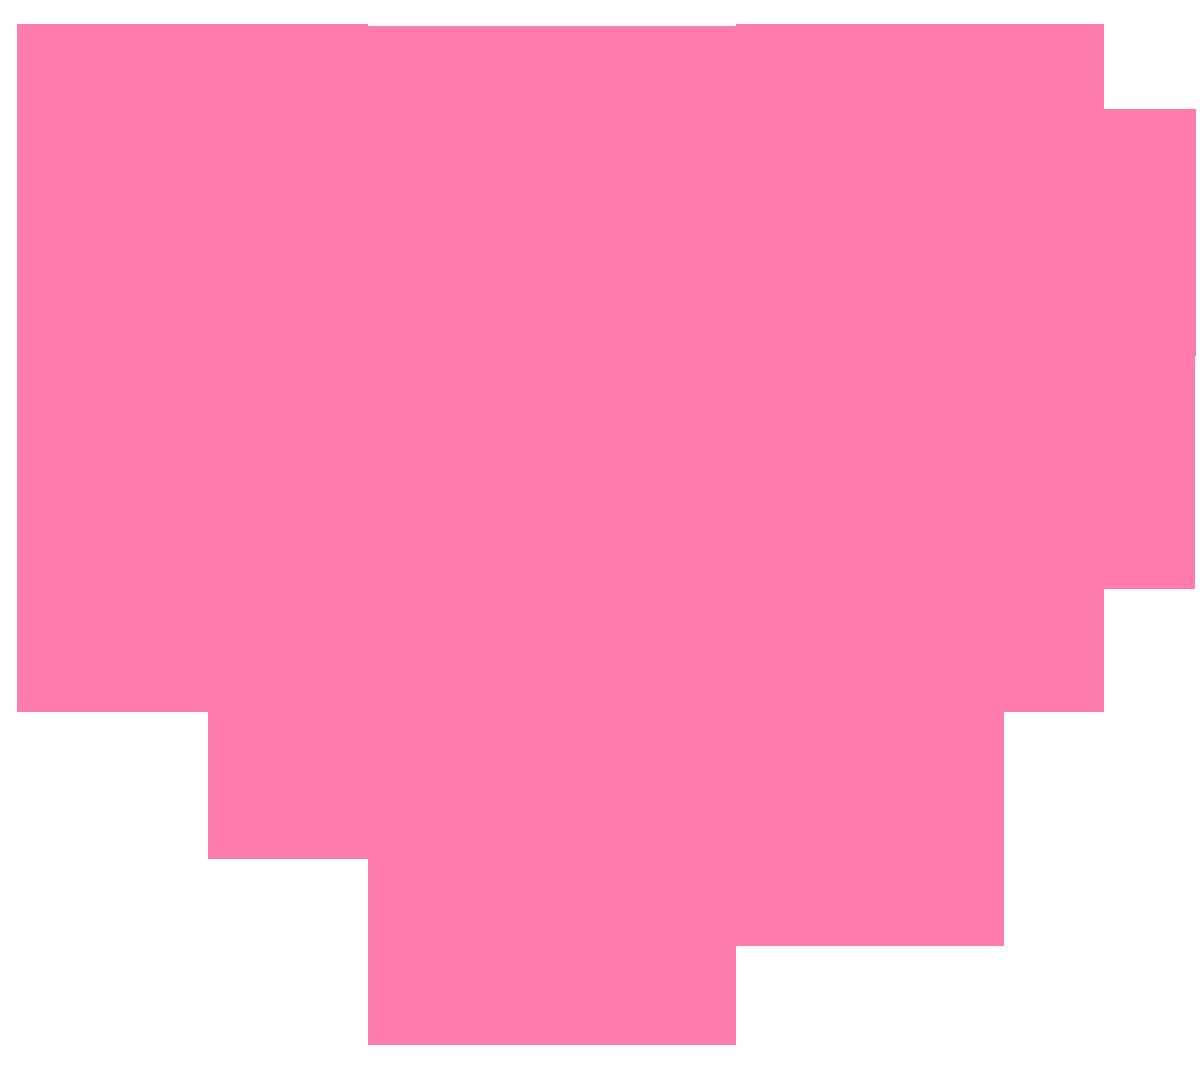 Le train et ses horaires Valentines-day-heart-clip-art-171592